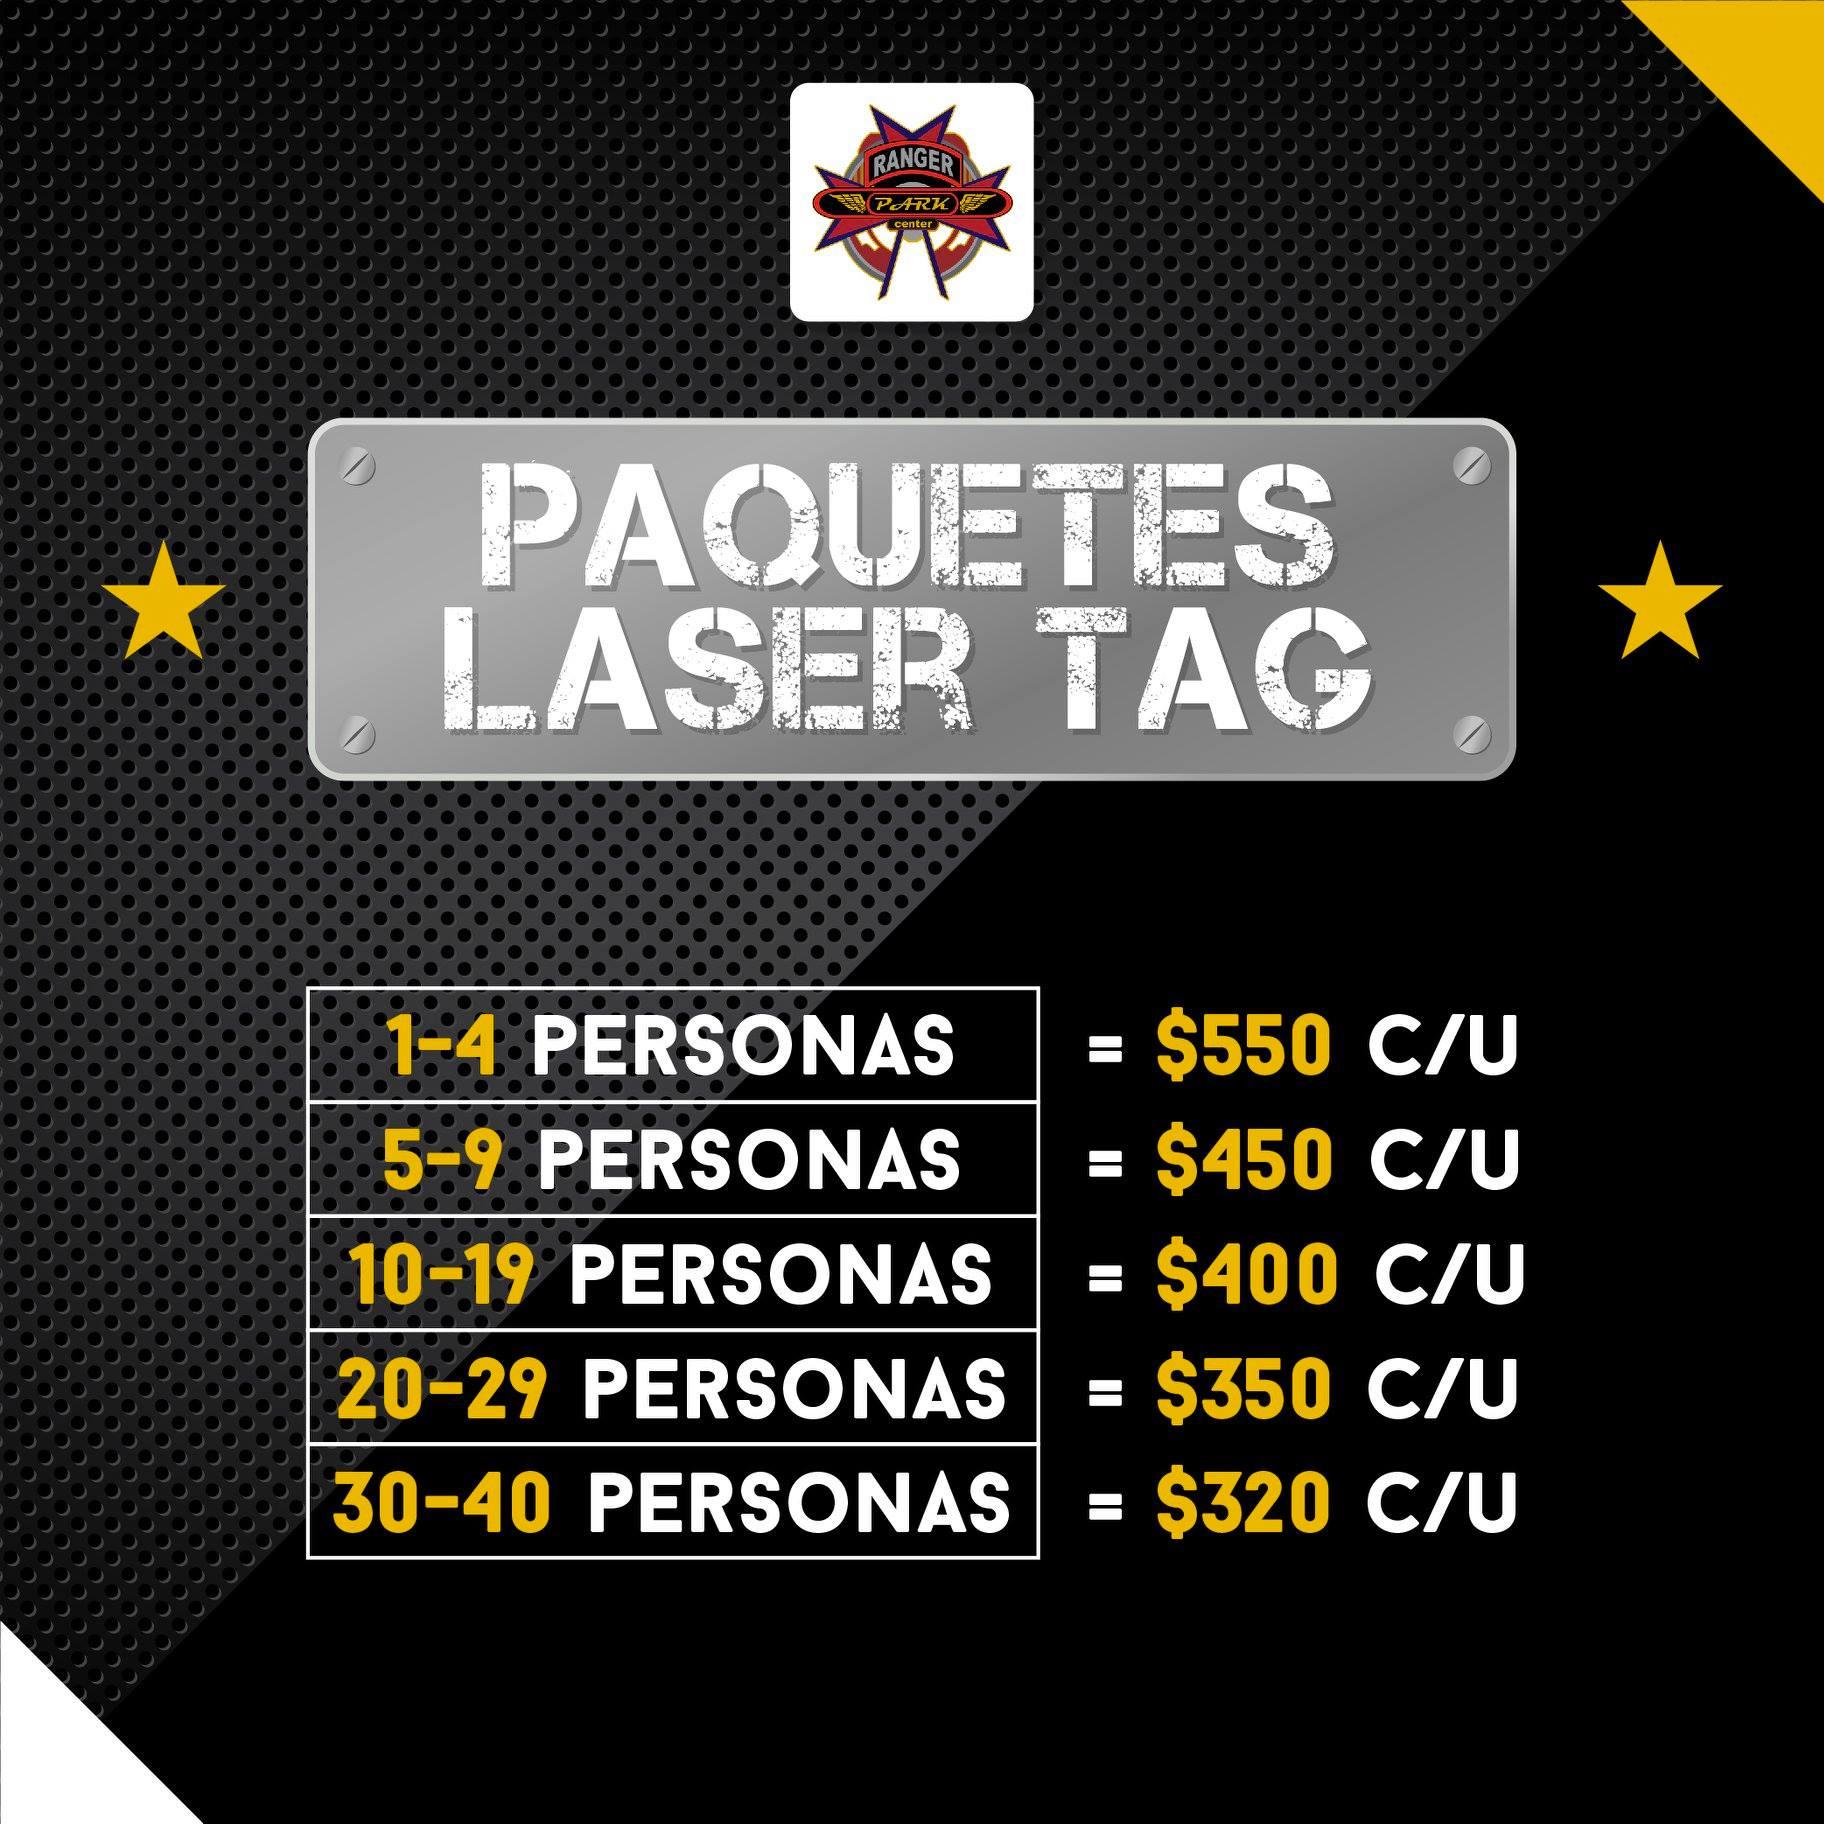 Anímate a vivir la experiencia #LaserTag con los paquetes que tenemos para ti.